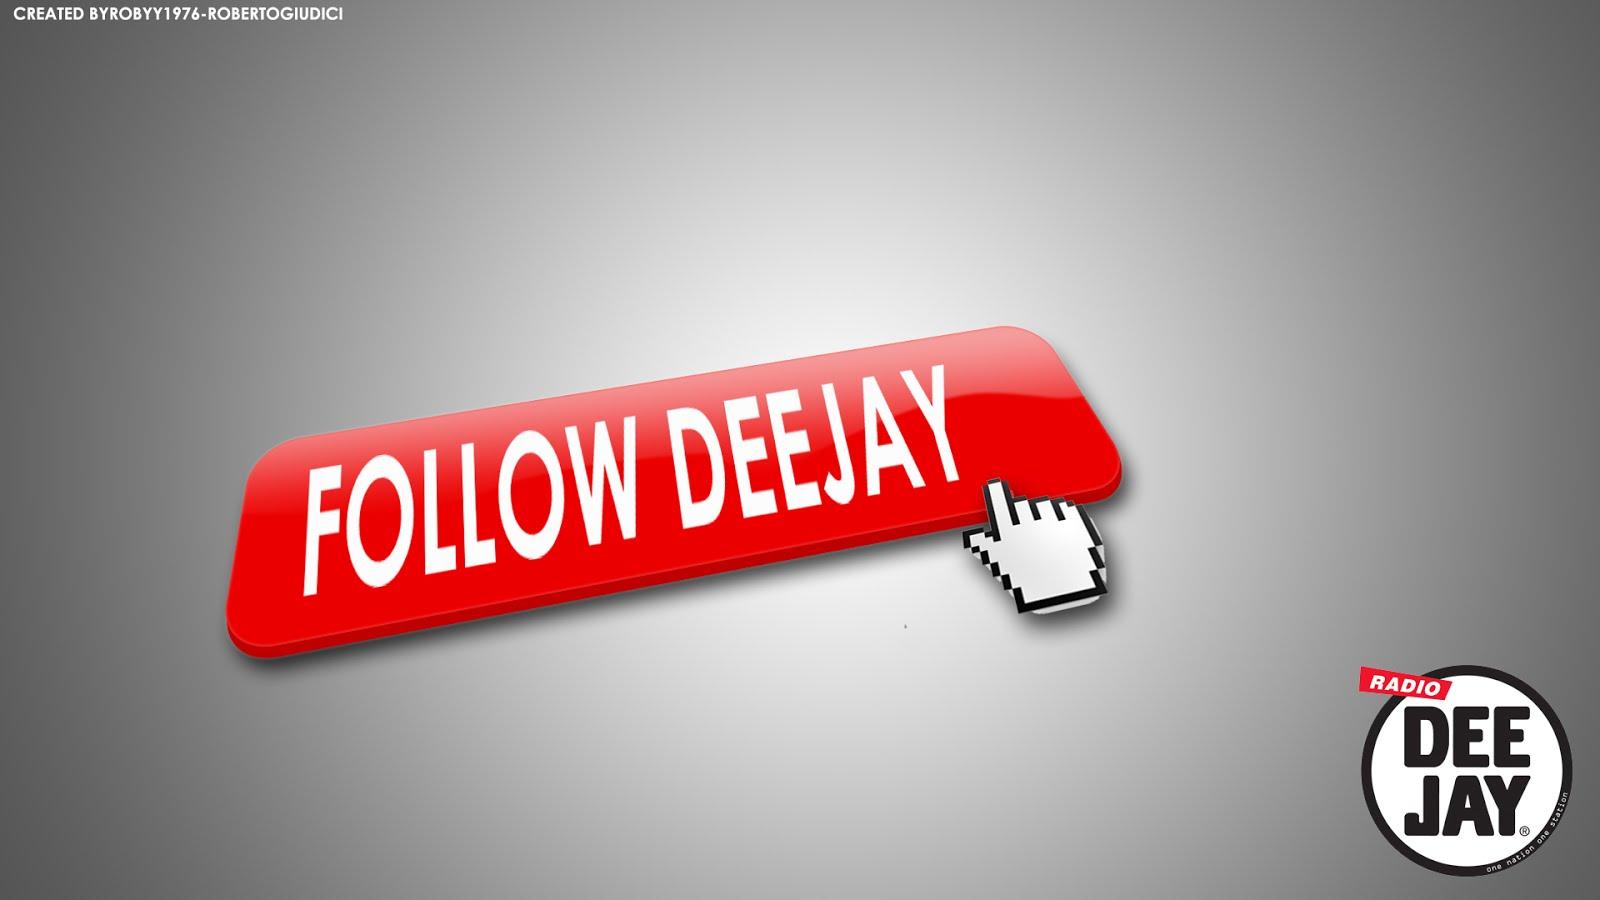 Follow Deejay (Clicca per entrare)